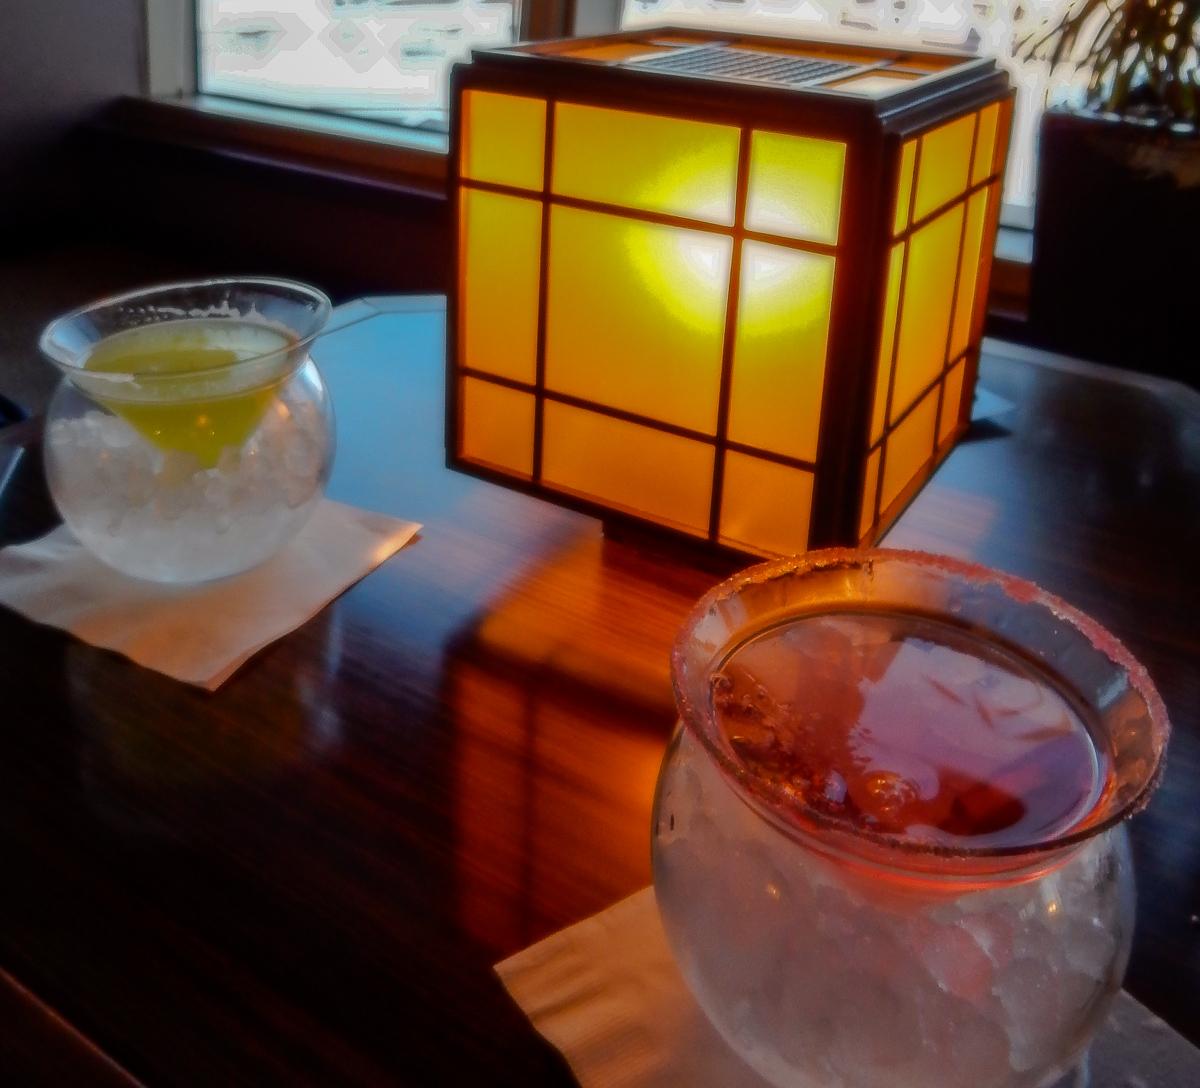 Saketini at the Tamarind Bar aboard the Eurodam